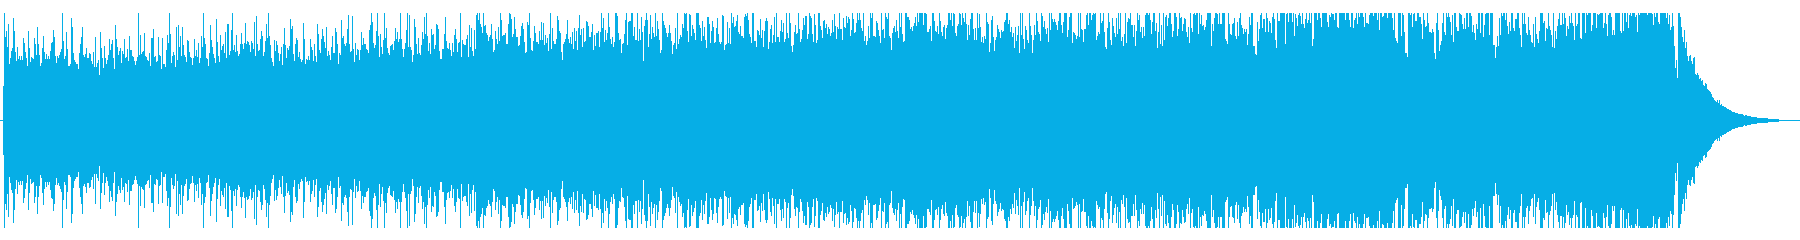 浮遊感と疾走感あるギターロック系インストの再生済みの波形